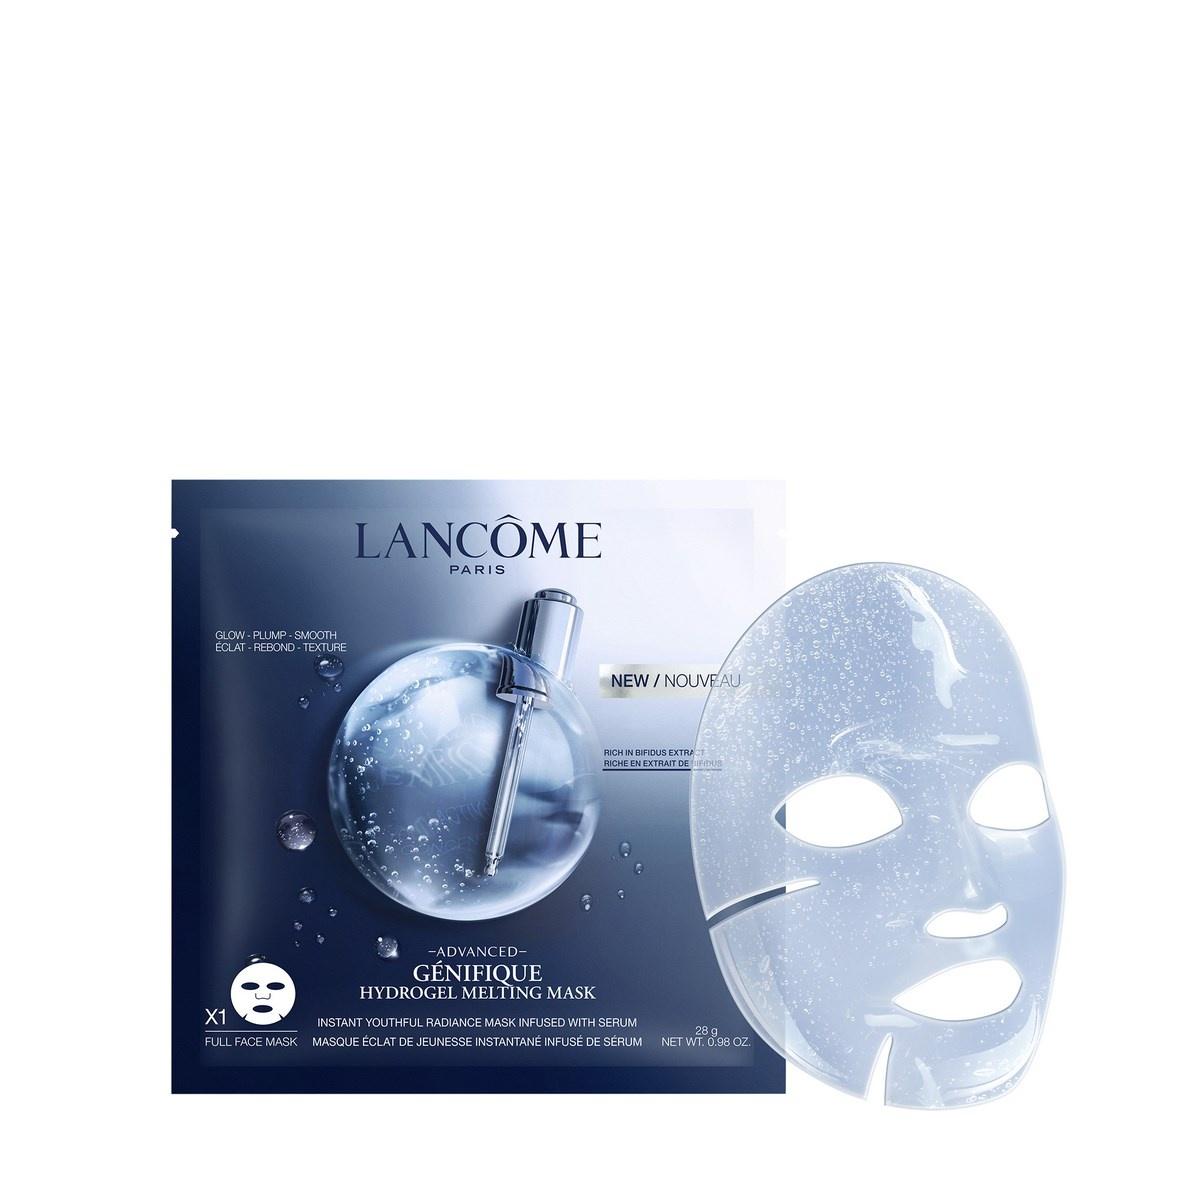 Lancôme Génifique Hydro Mask